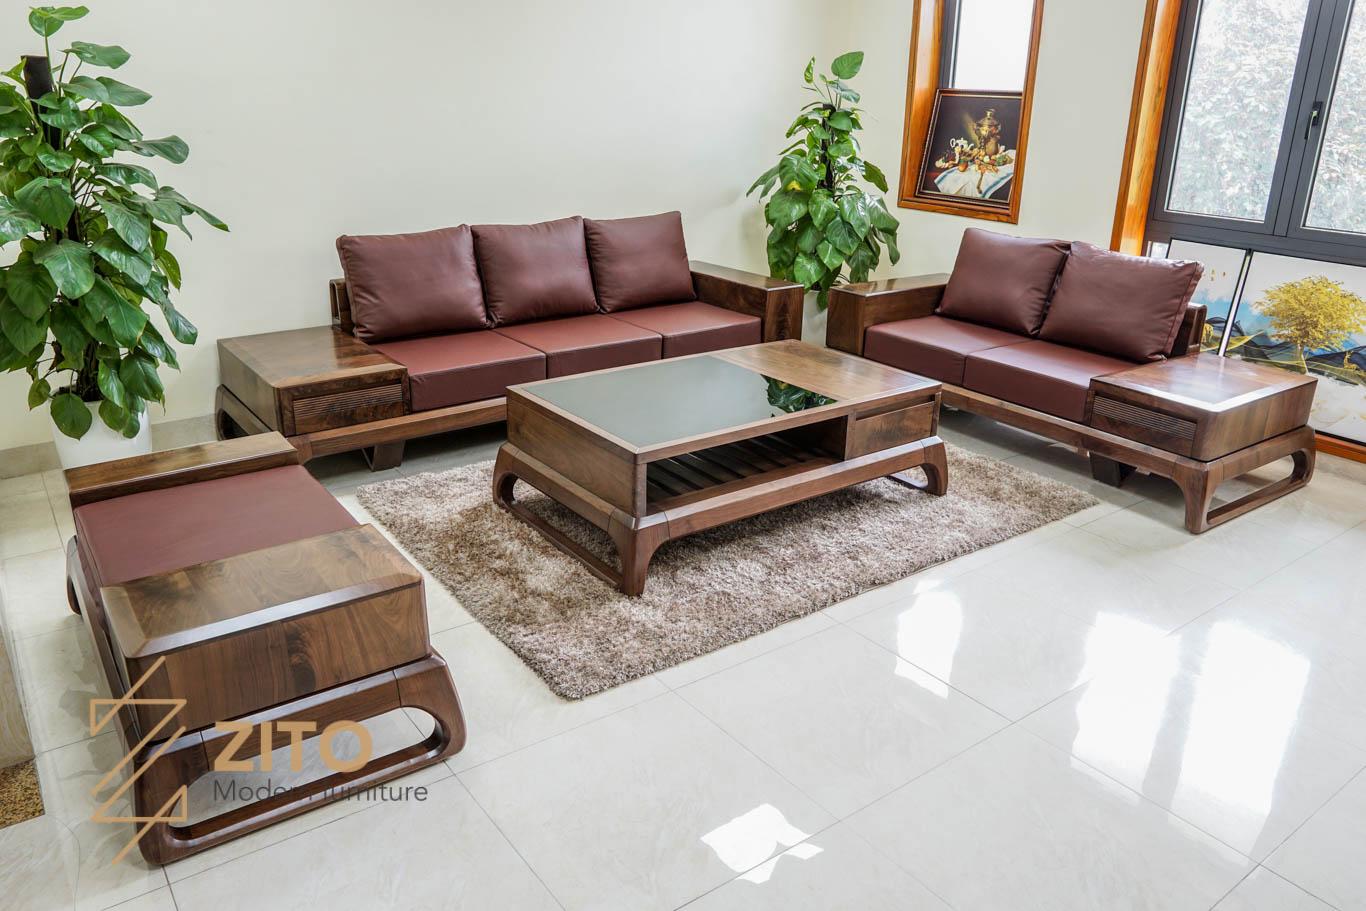 nội thất phòng khách nhà cấp 4 đơn giản